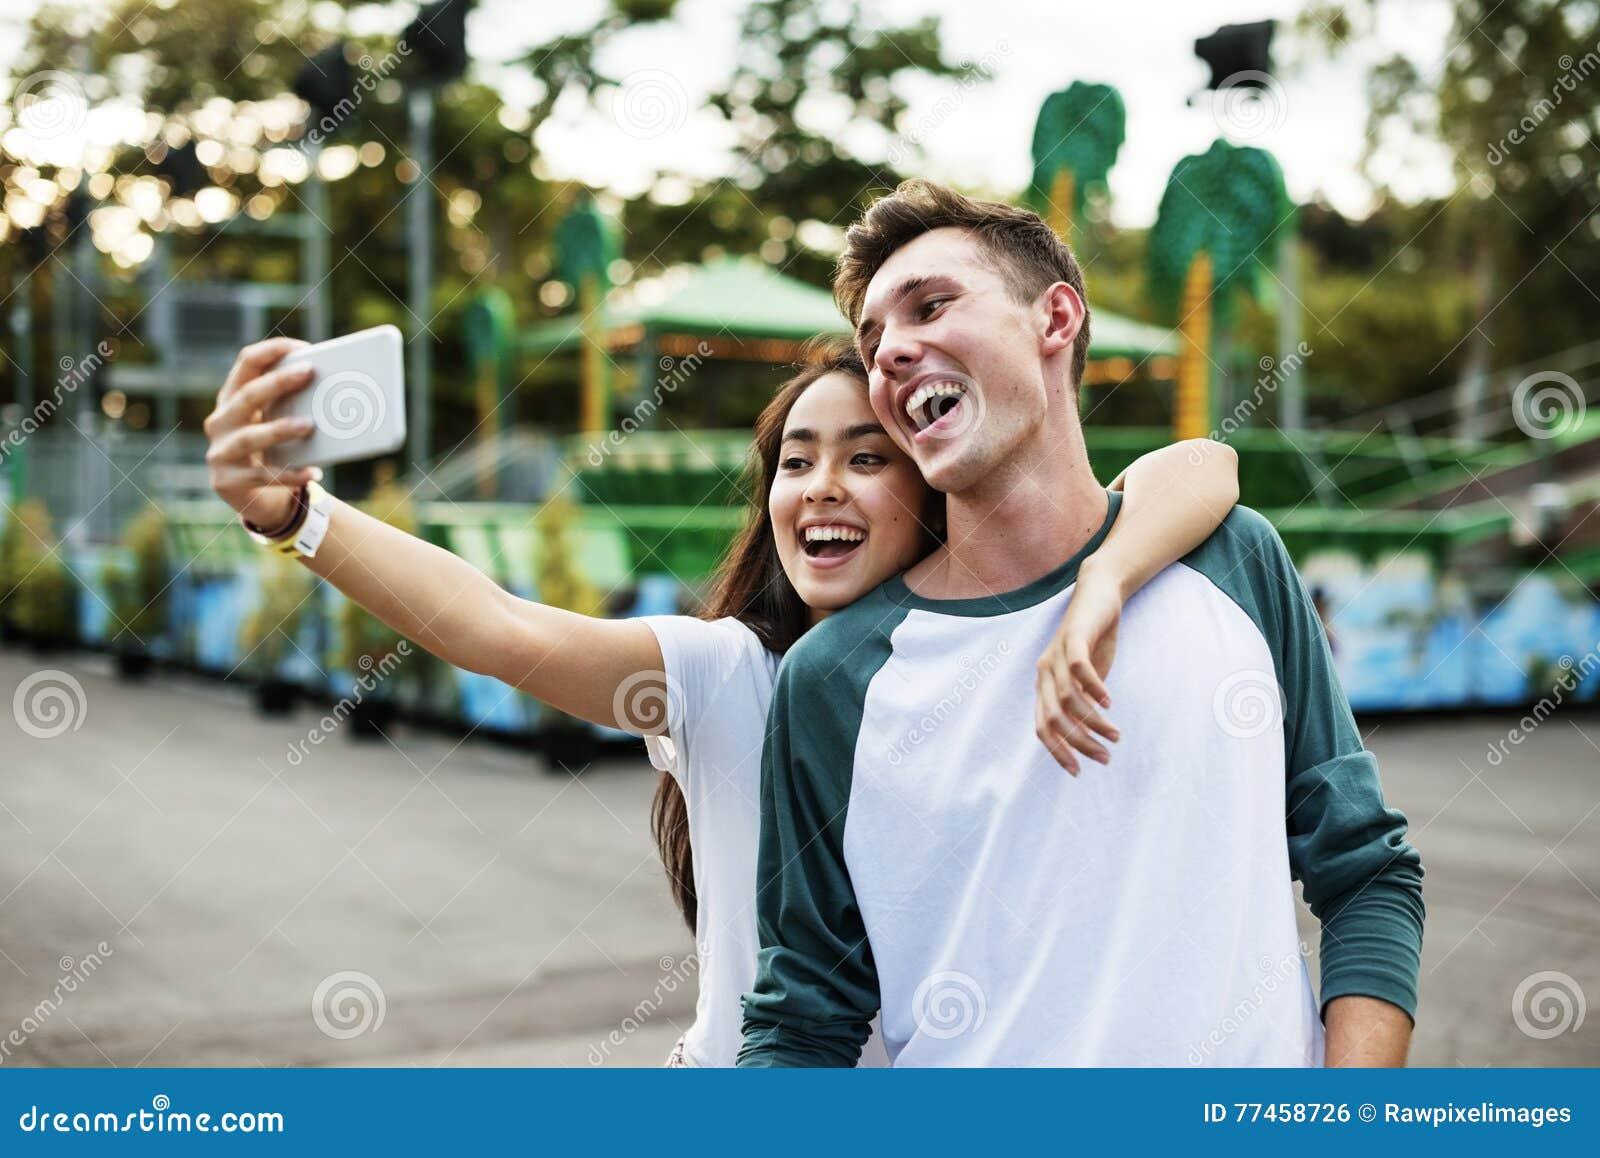 夫妇约会拥抱概念的游乐园享受